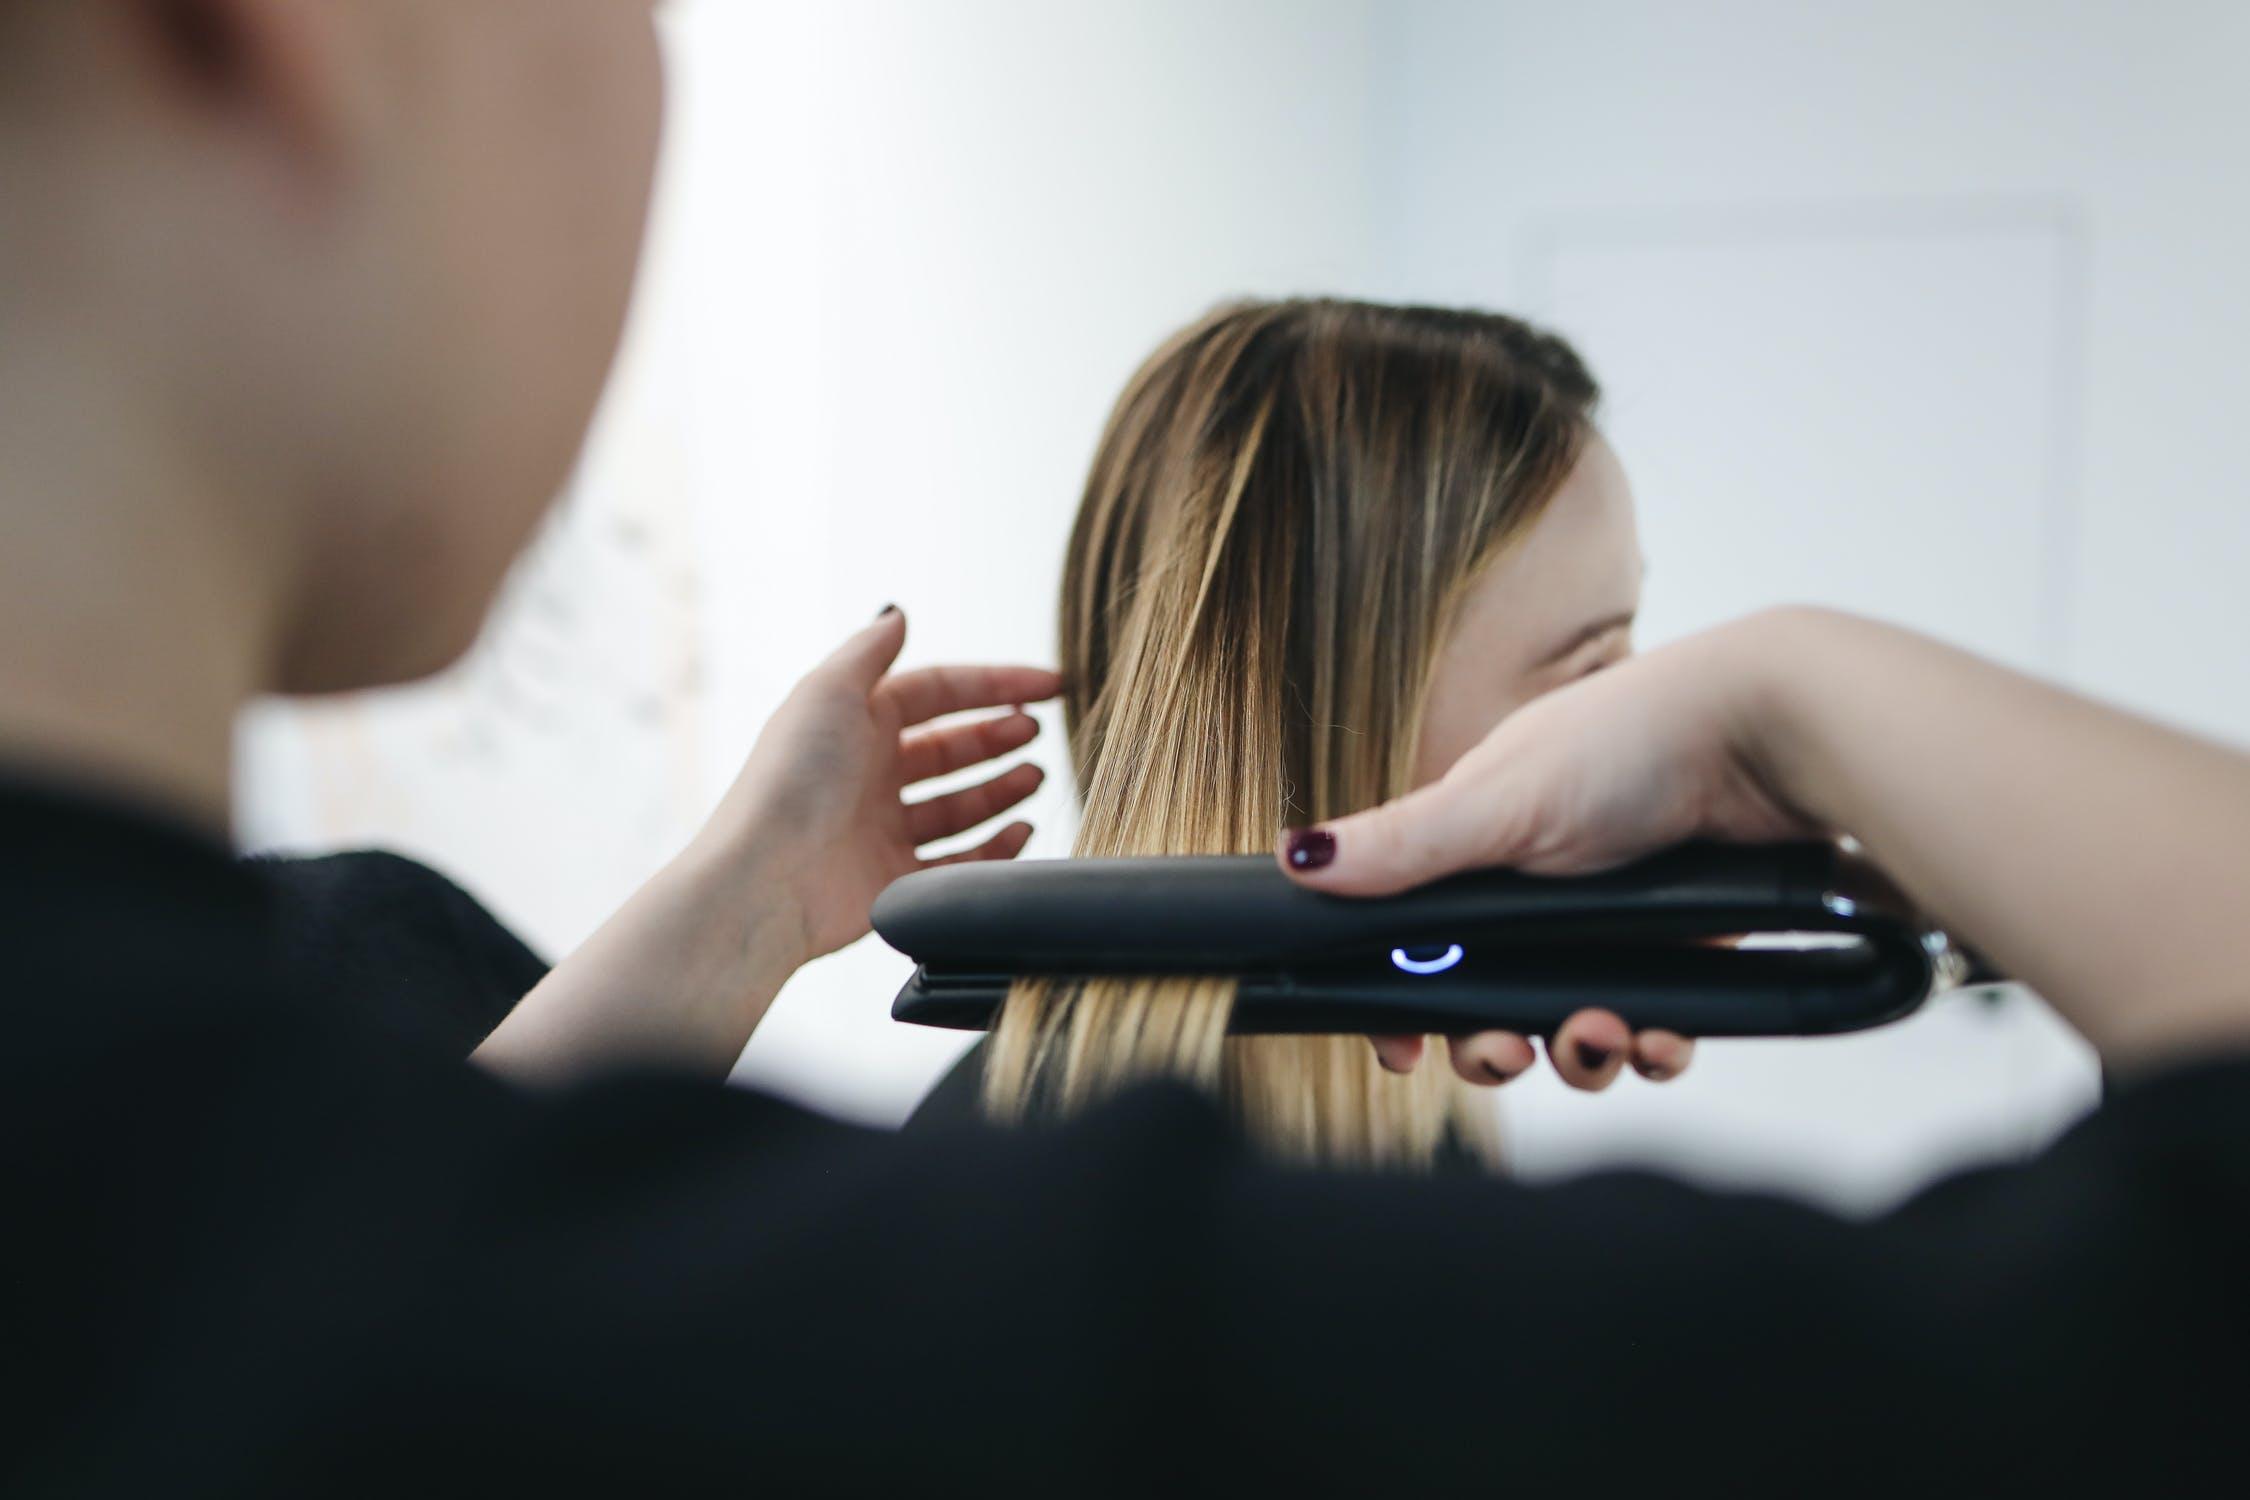 Come scegliere la migliore piastra per capelli? Guida alla scelta